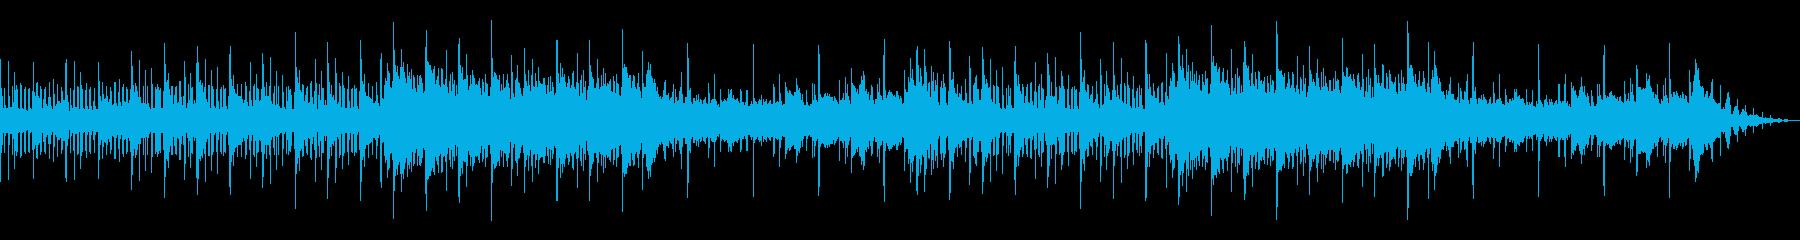 煌めき・光・水中・時間・儚い・BGMの再生済みの波形